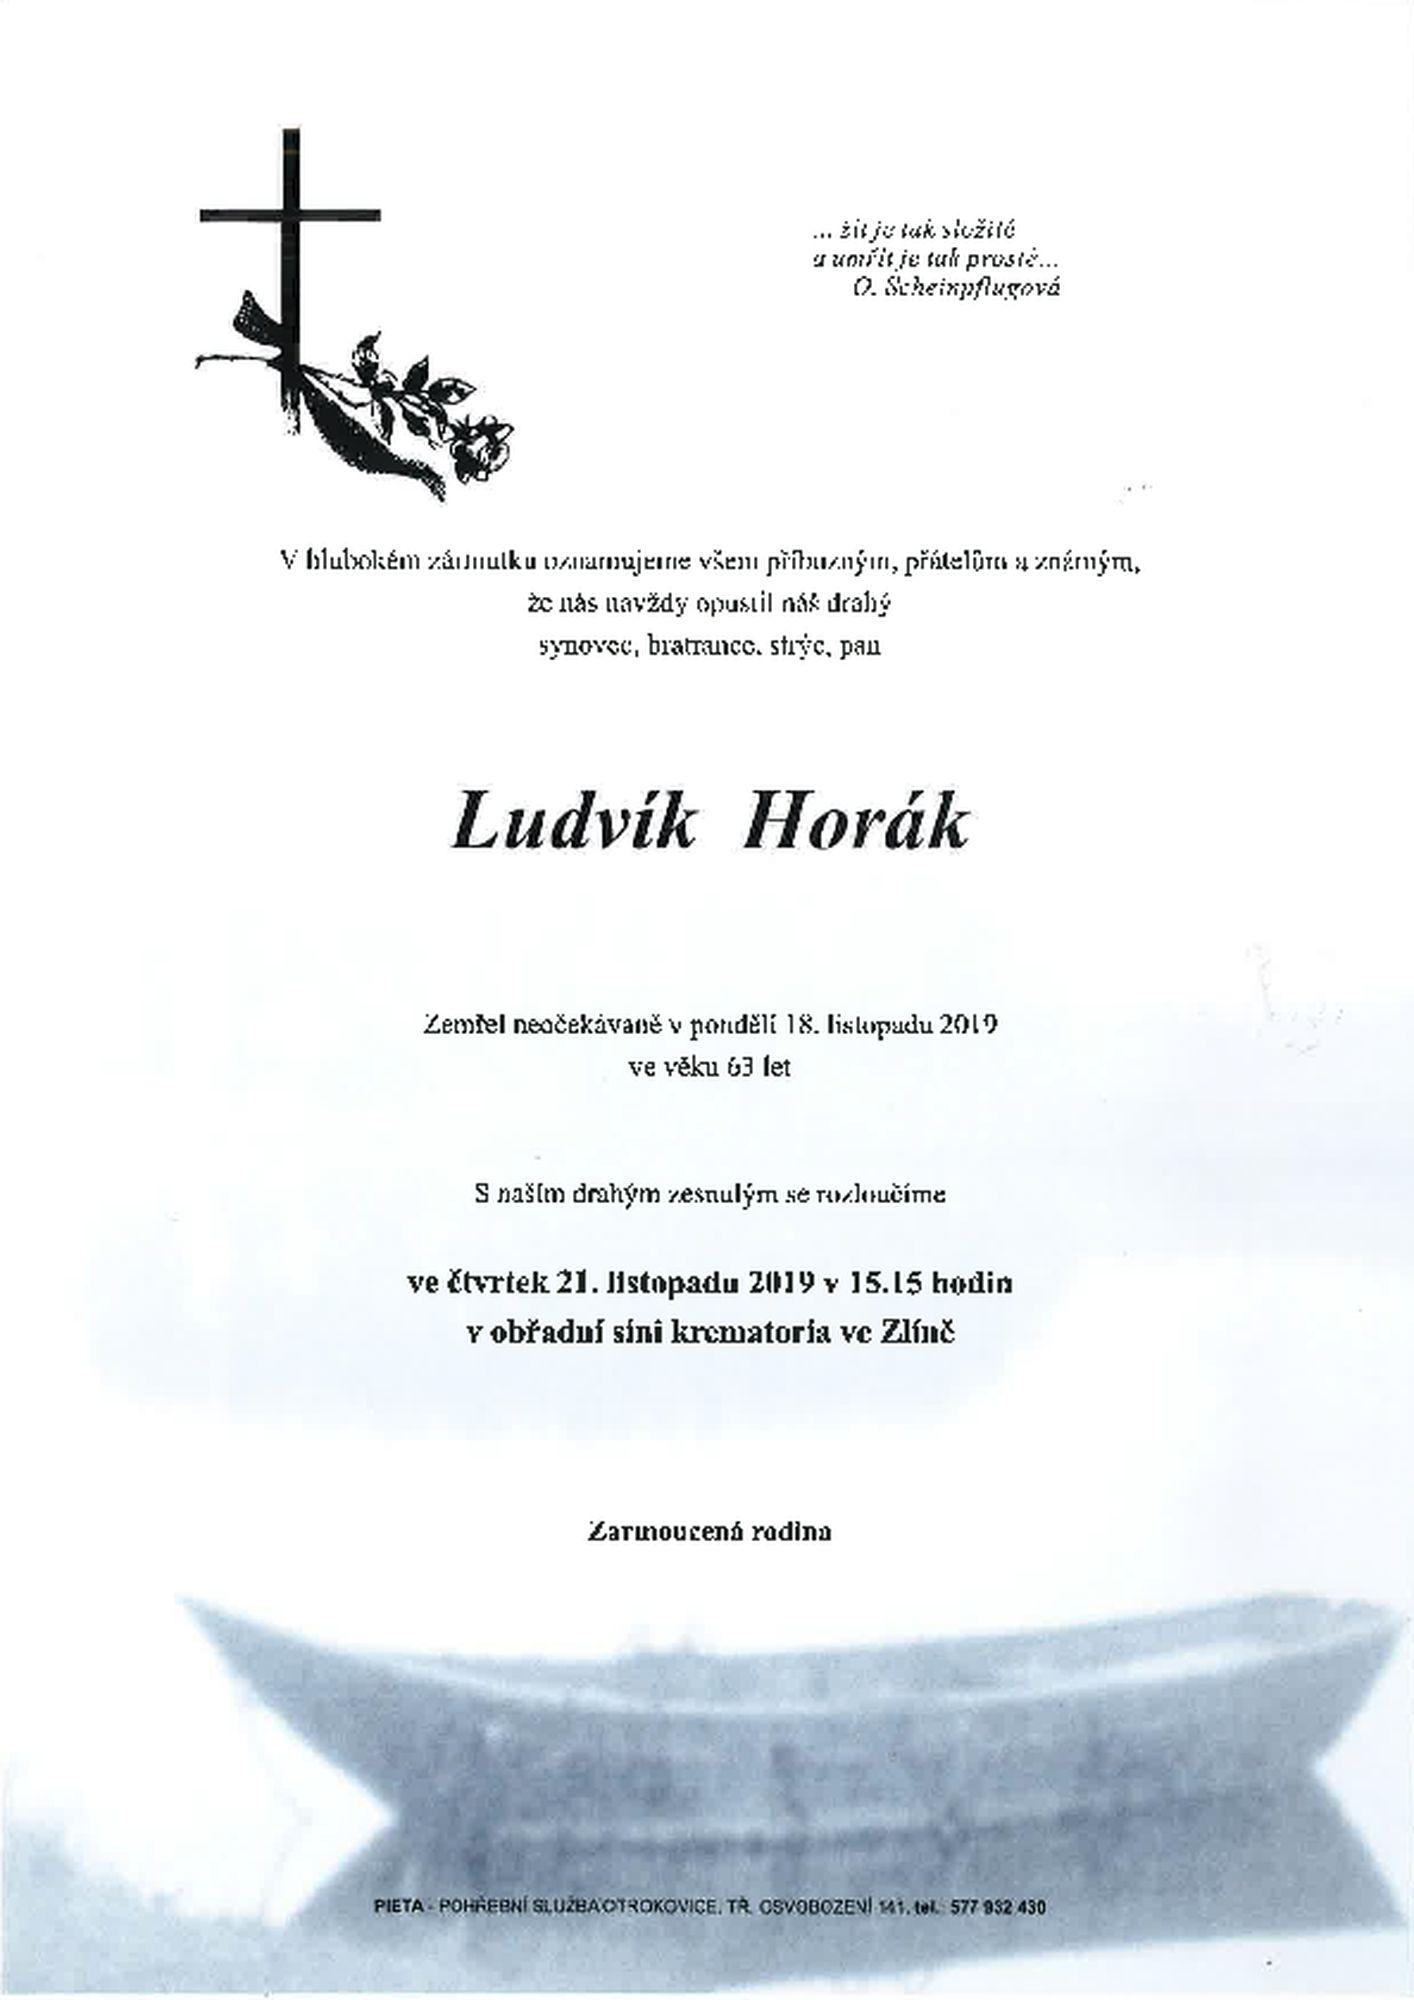 Ludvík Horák